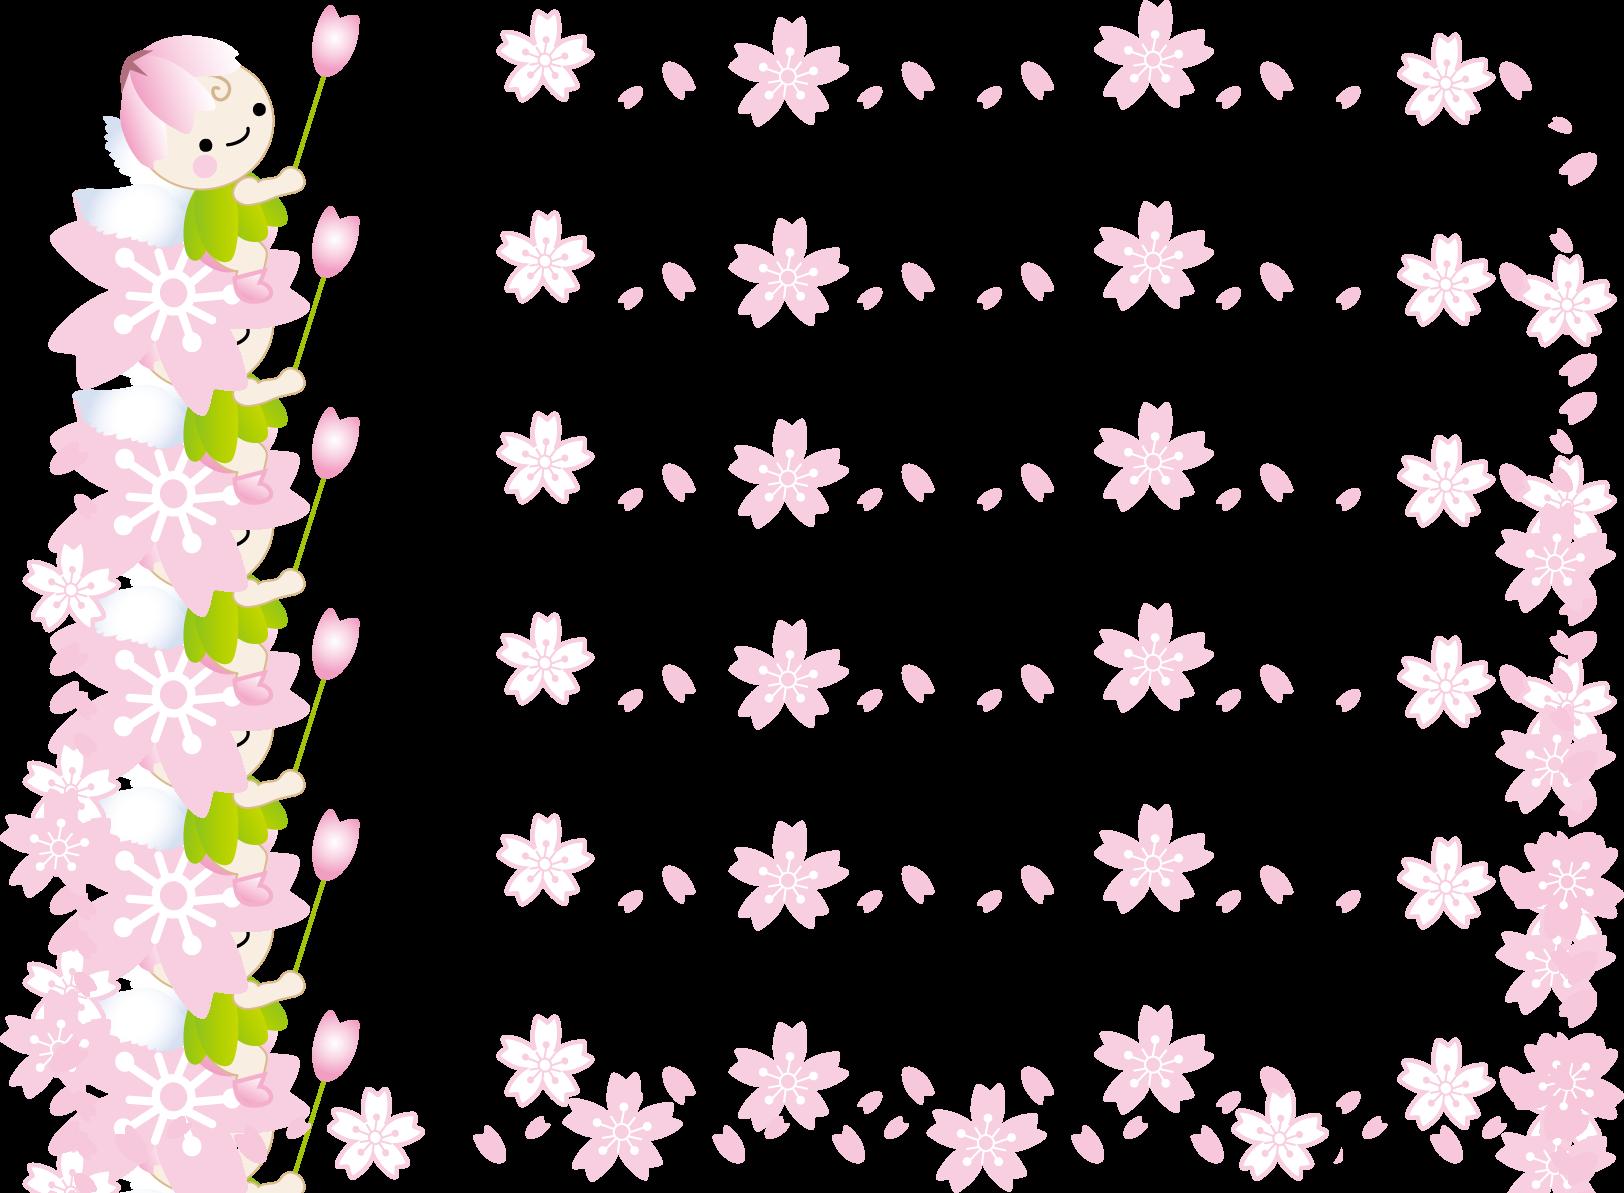 桜 フレーム イラスト 無料